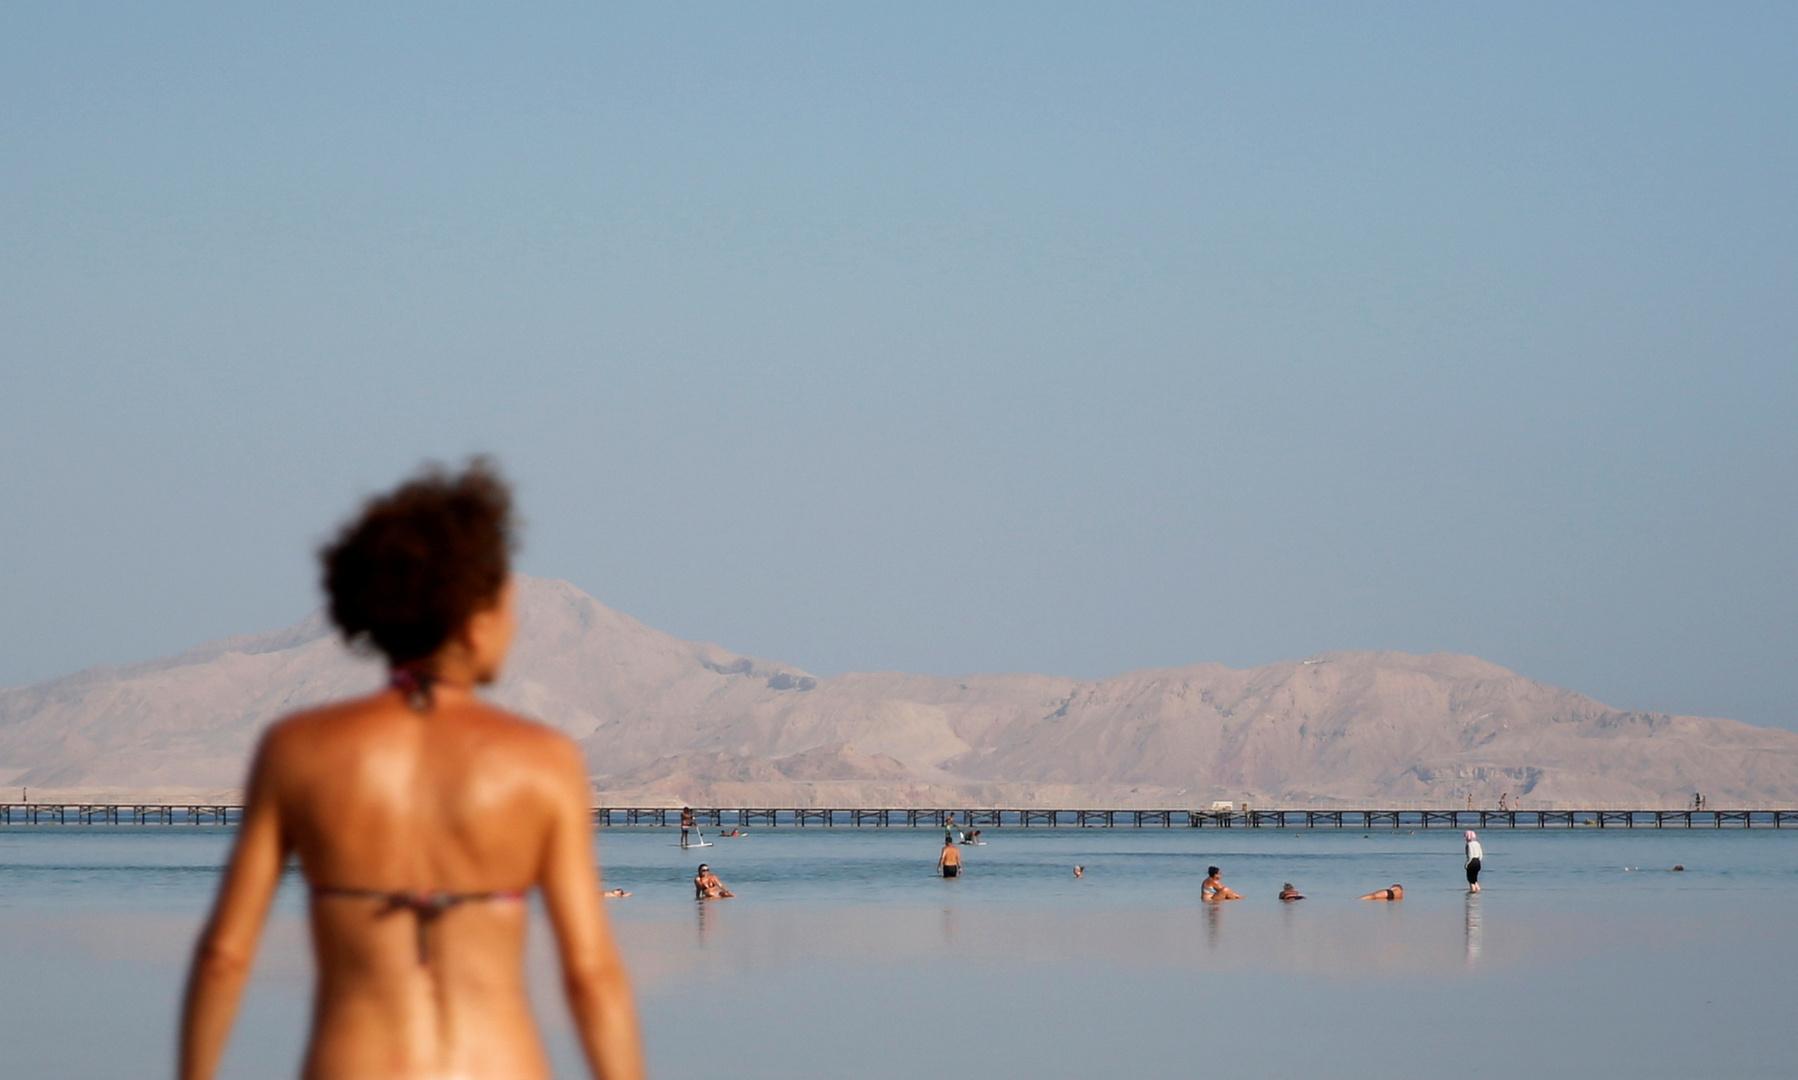 مصر البحر الأحمر